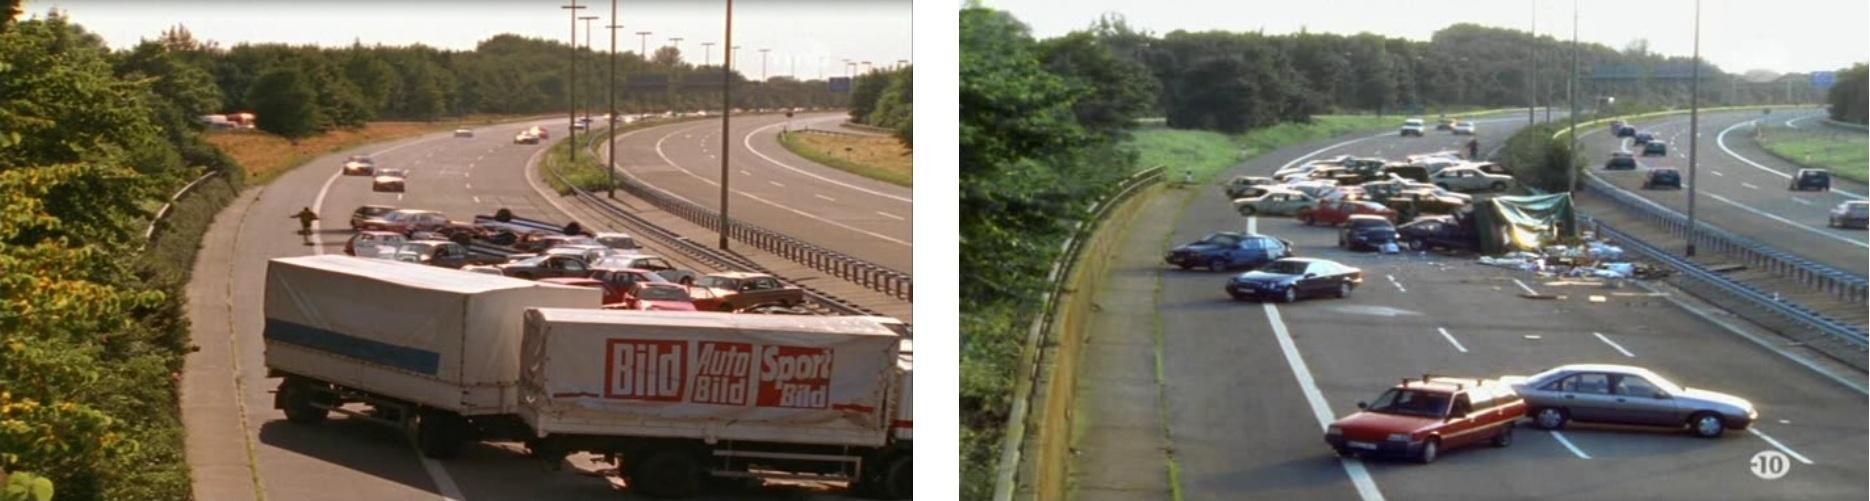 Tournage sur la même autoroute